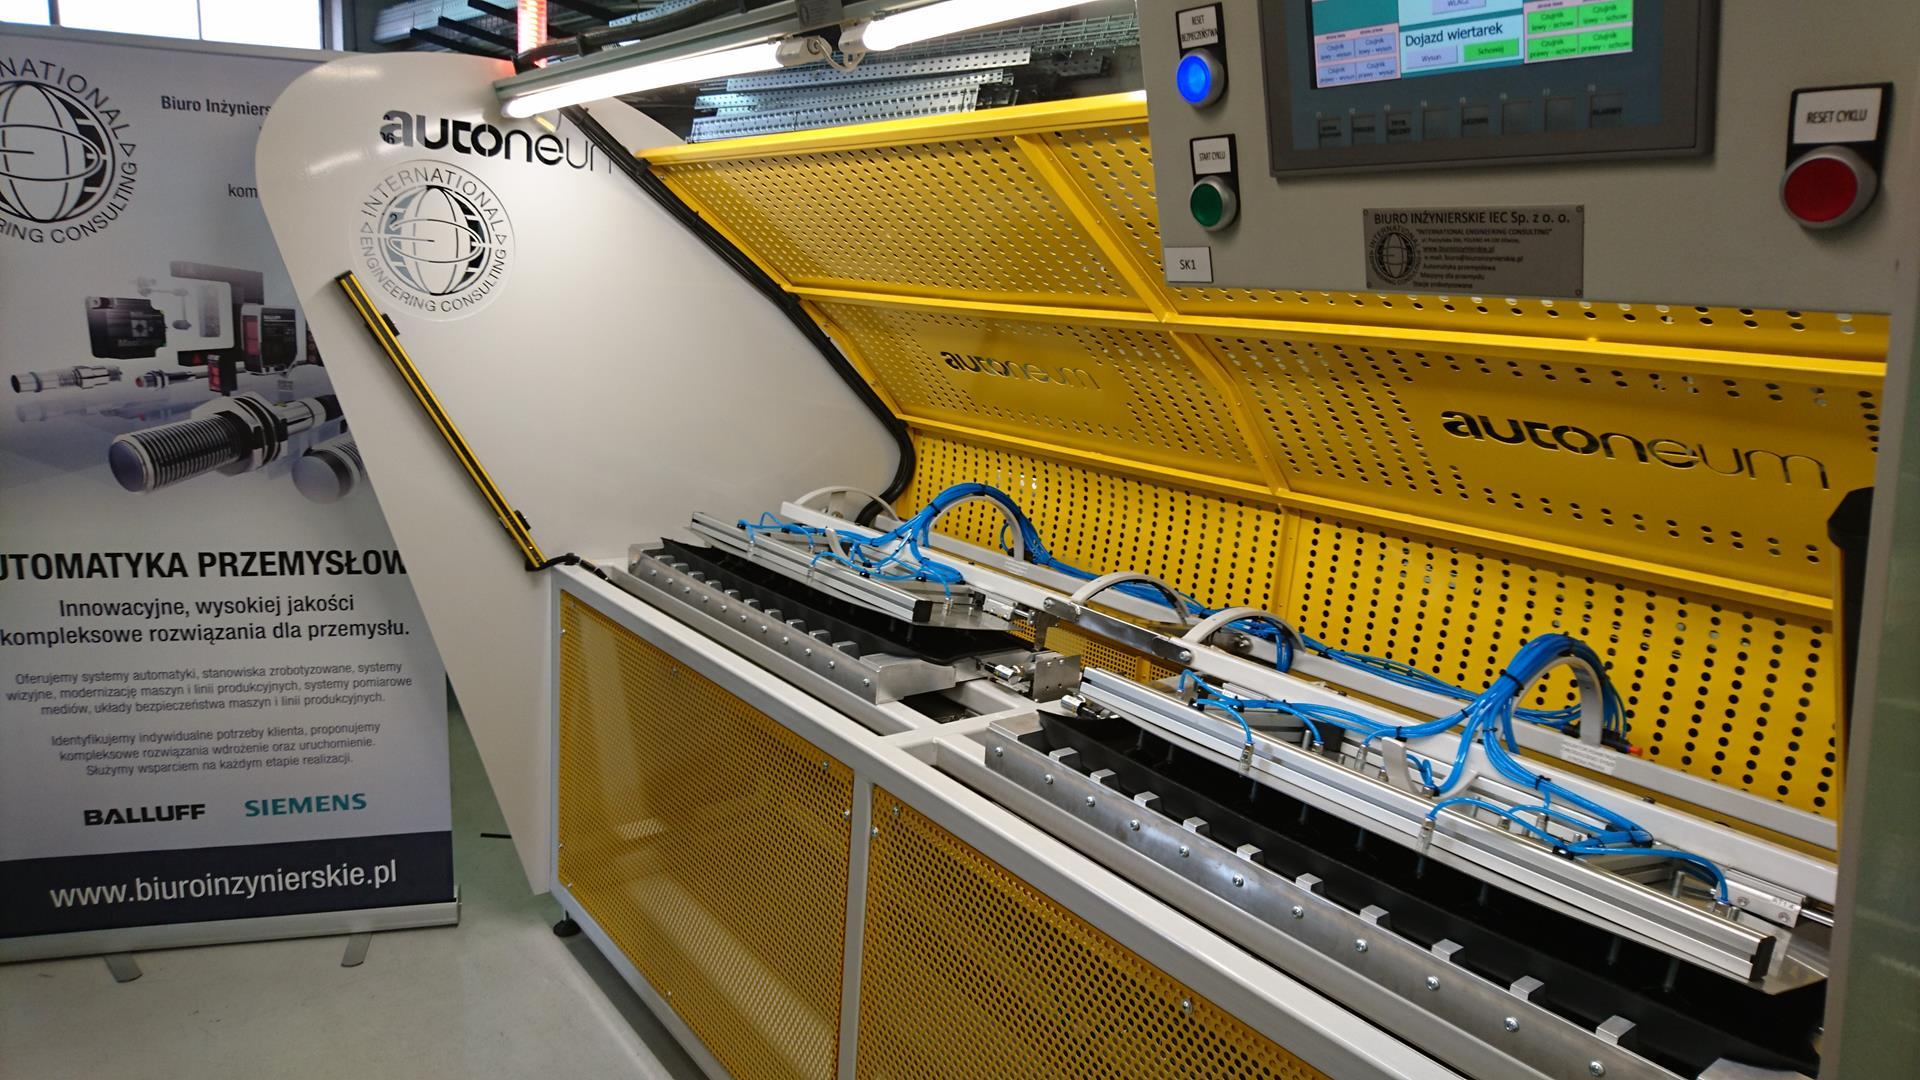 Budowa i modernizacja maszyn